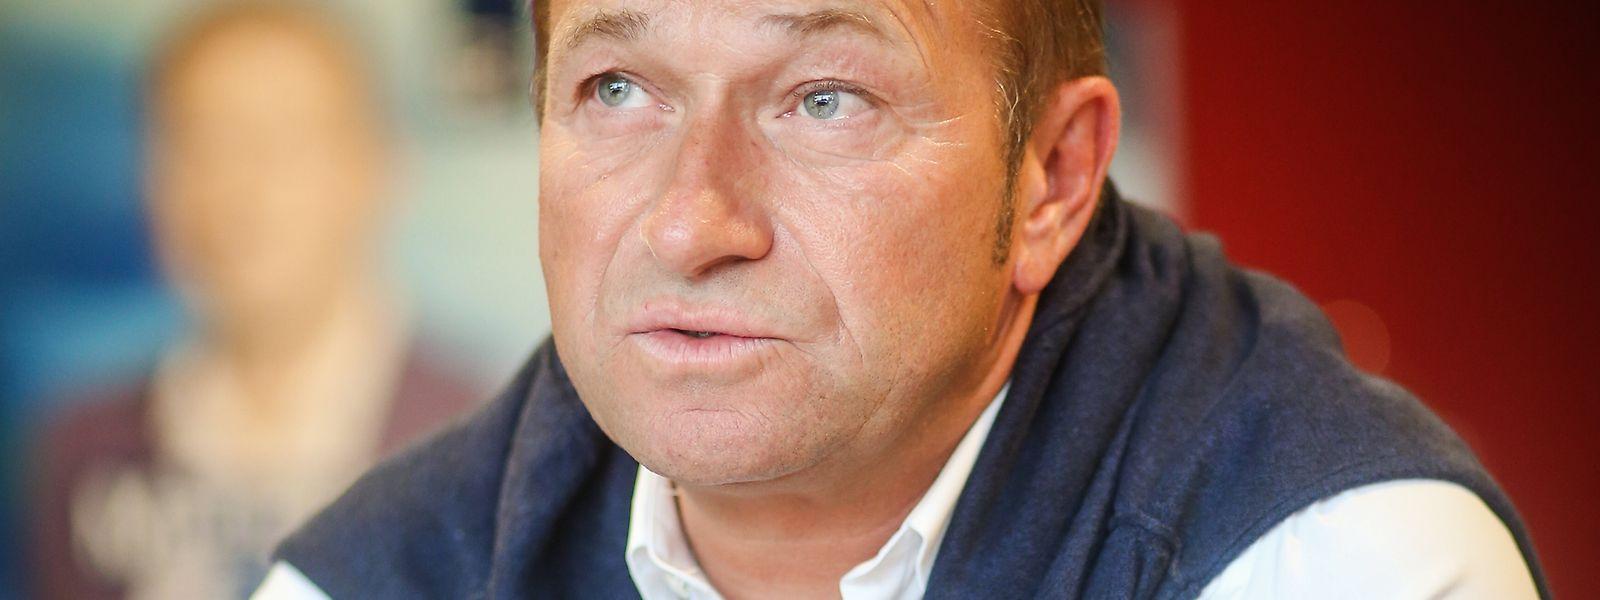 Frank Colabianchi trat 1987 in die DP ein und ist seit 2009 Bürgermeister von Bartringen.